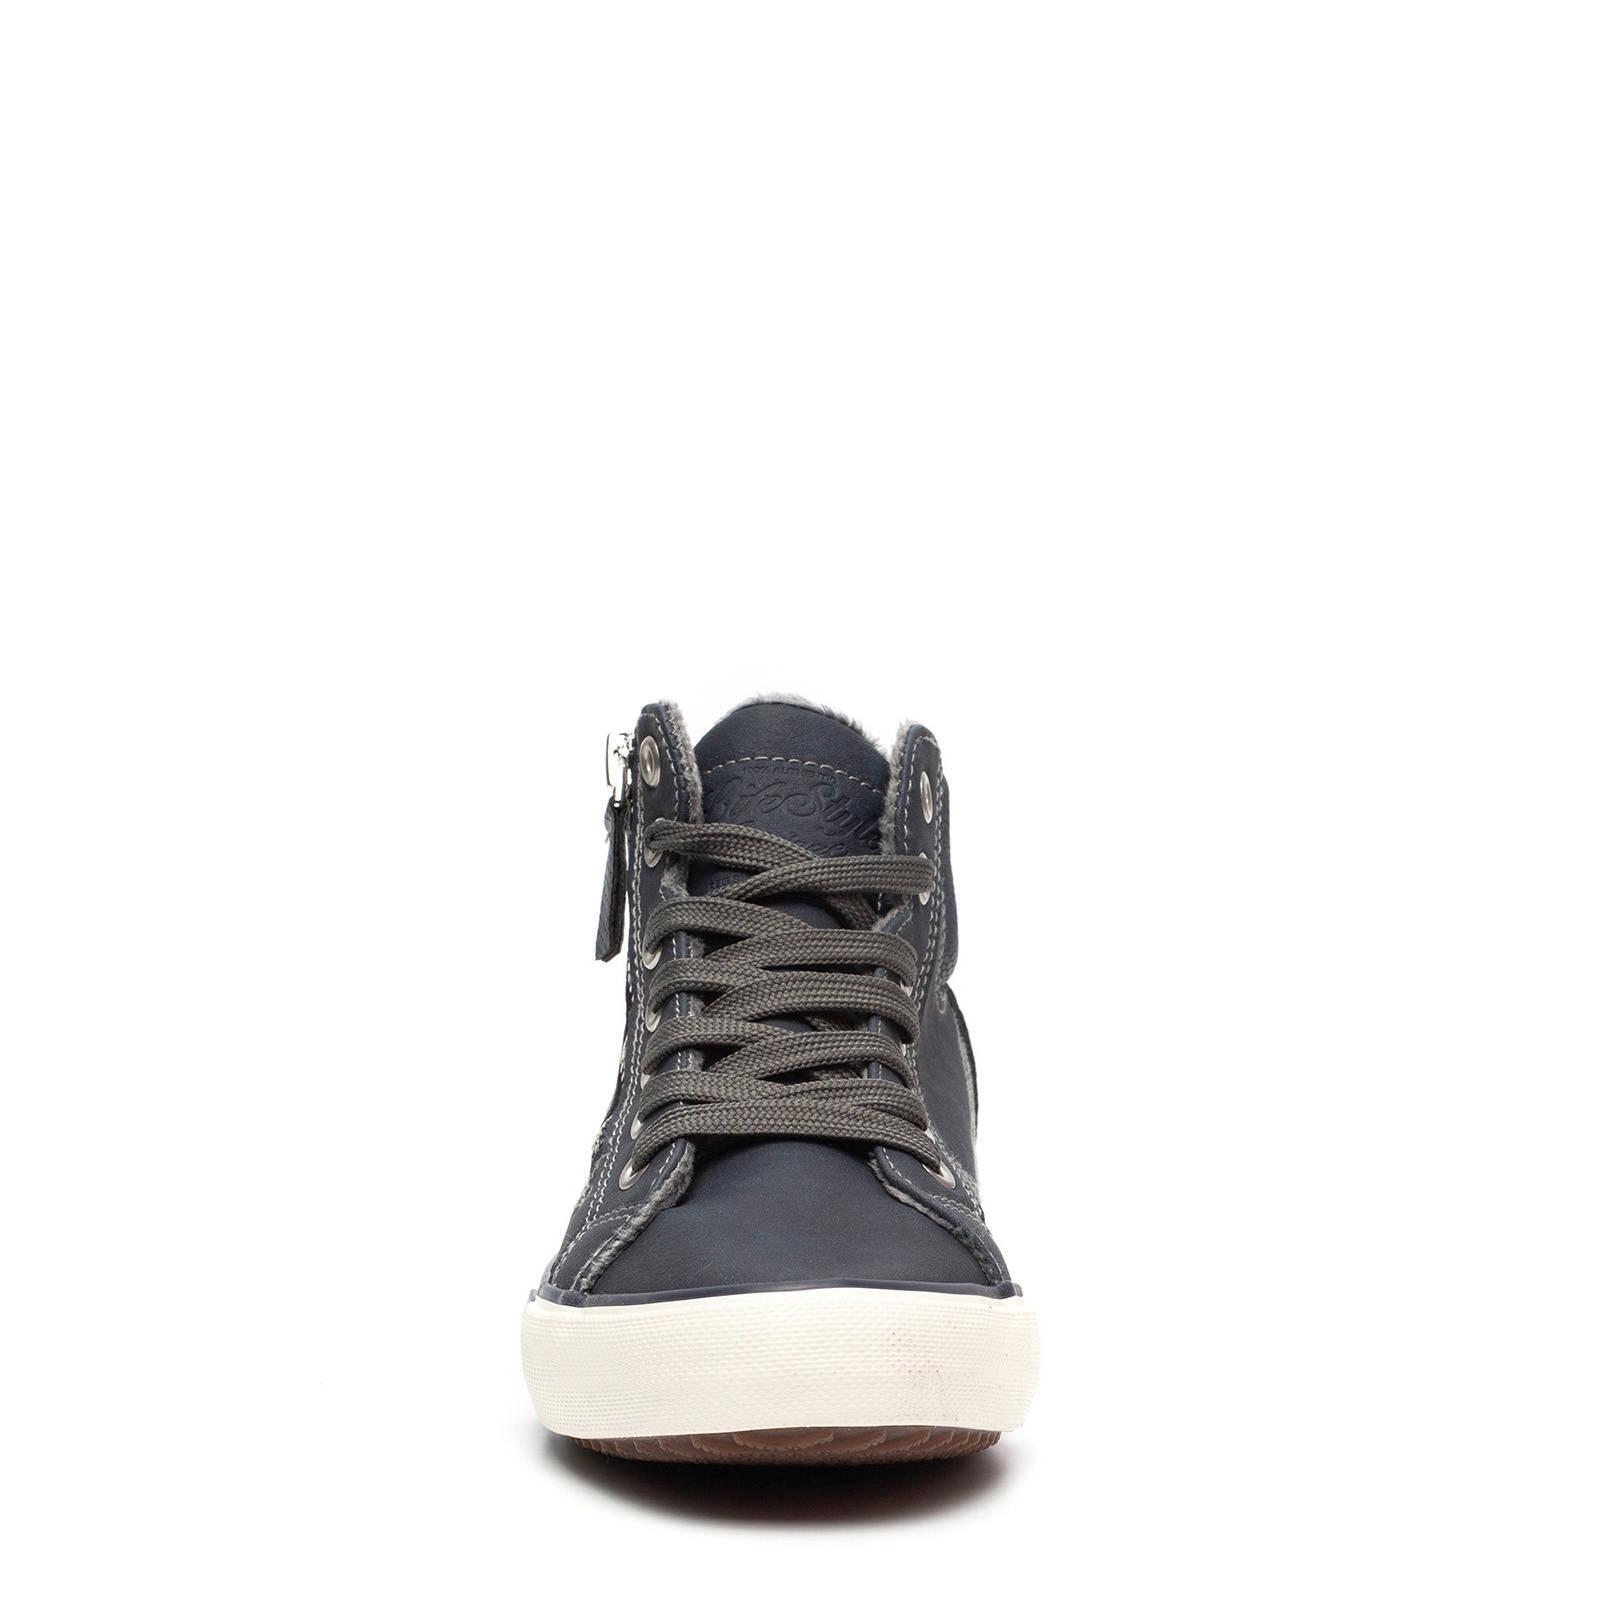 Scapino Blue Box sneakers donkerblauw   wehkamp